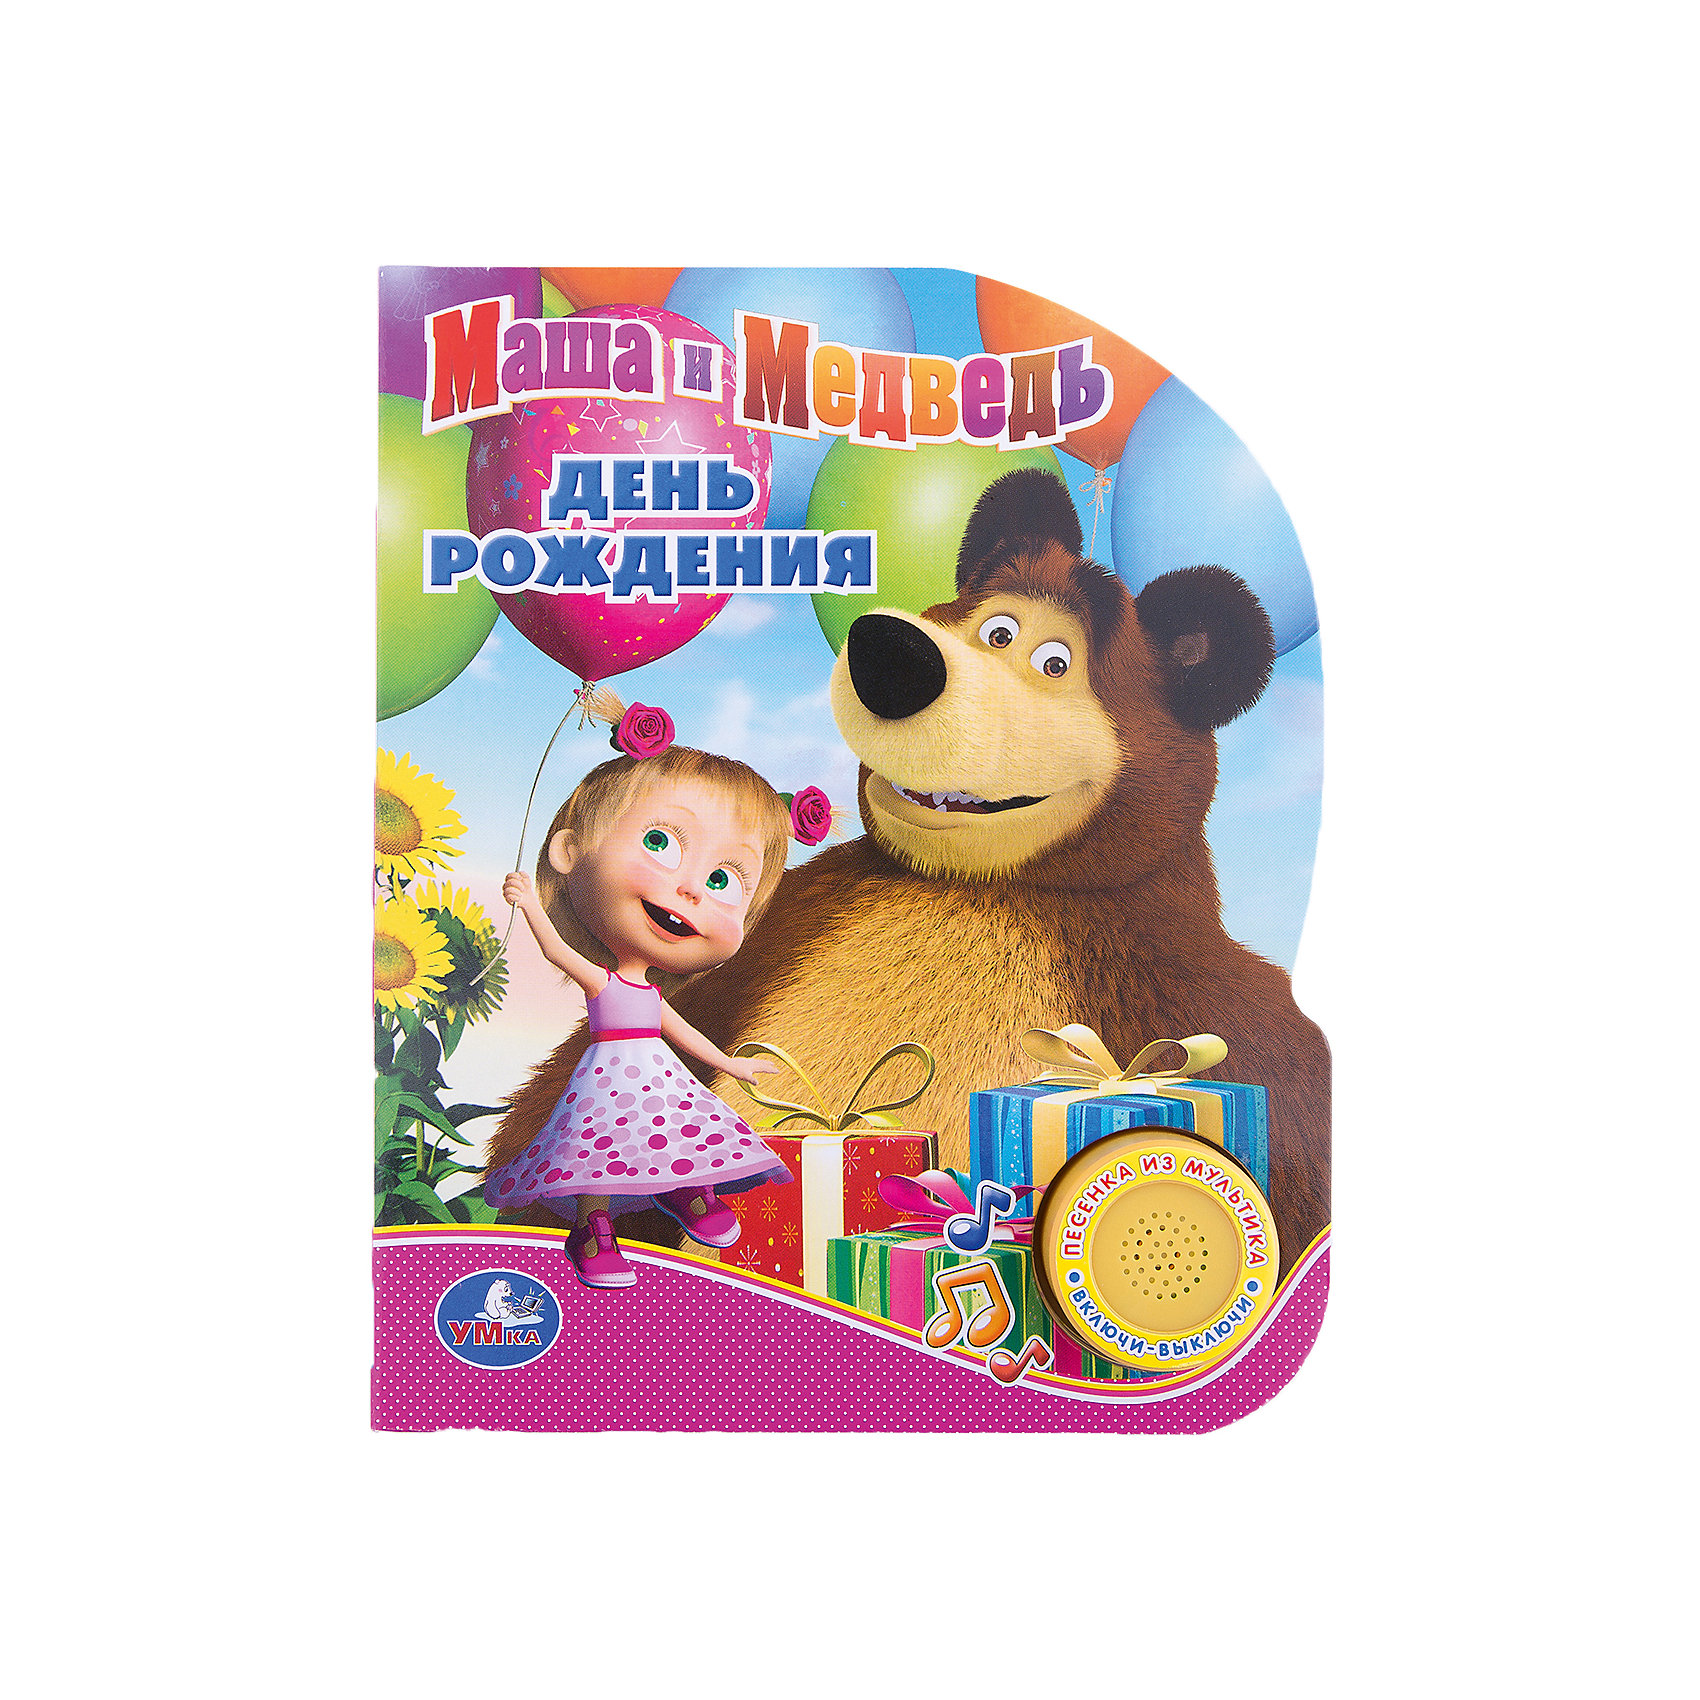 Маша и медведь. День рождения. (1 кнопка с песенкой).Говорящие книги<br>Музыкальная книжка для самых маленьких детей с историями из популярного мультфильма Маша и медведь. Малыш сам может нажать на кнопочку и услышит веселую, добрую песенку из мультфильма. Книга изготовлена из прочного безопасного картона. 10 картонных страниц.<br><br>Ширина мм: 10<br>Глубина мм: 160<br>Высота мм: 190<br>Вес г: 160<br>Возраст от месяцев: 12<br>Возраст до месяцев: 60<br>Пол: Унисекс<br>Возраст: Детский<br>SKU: 5396508